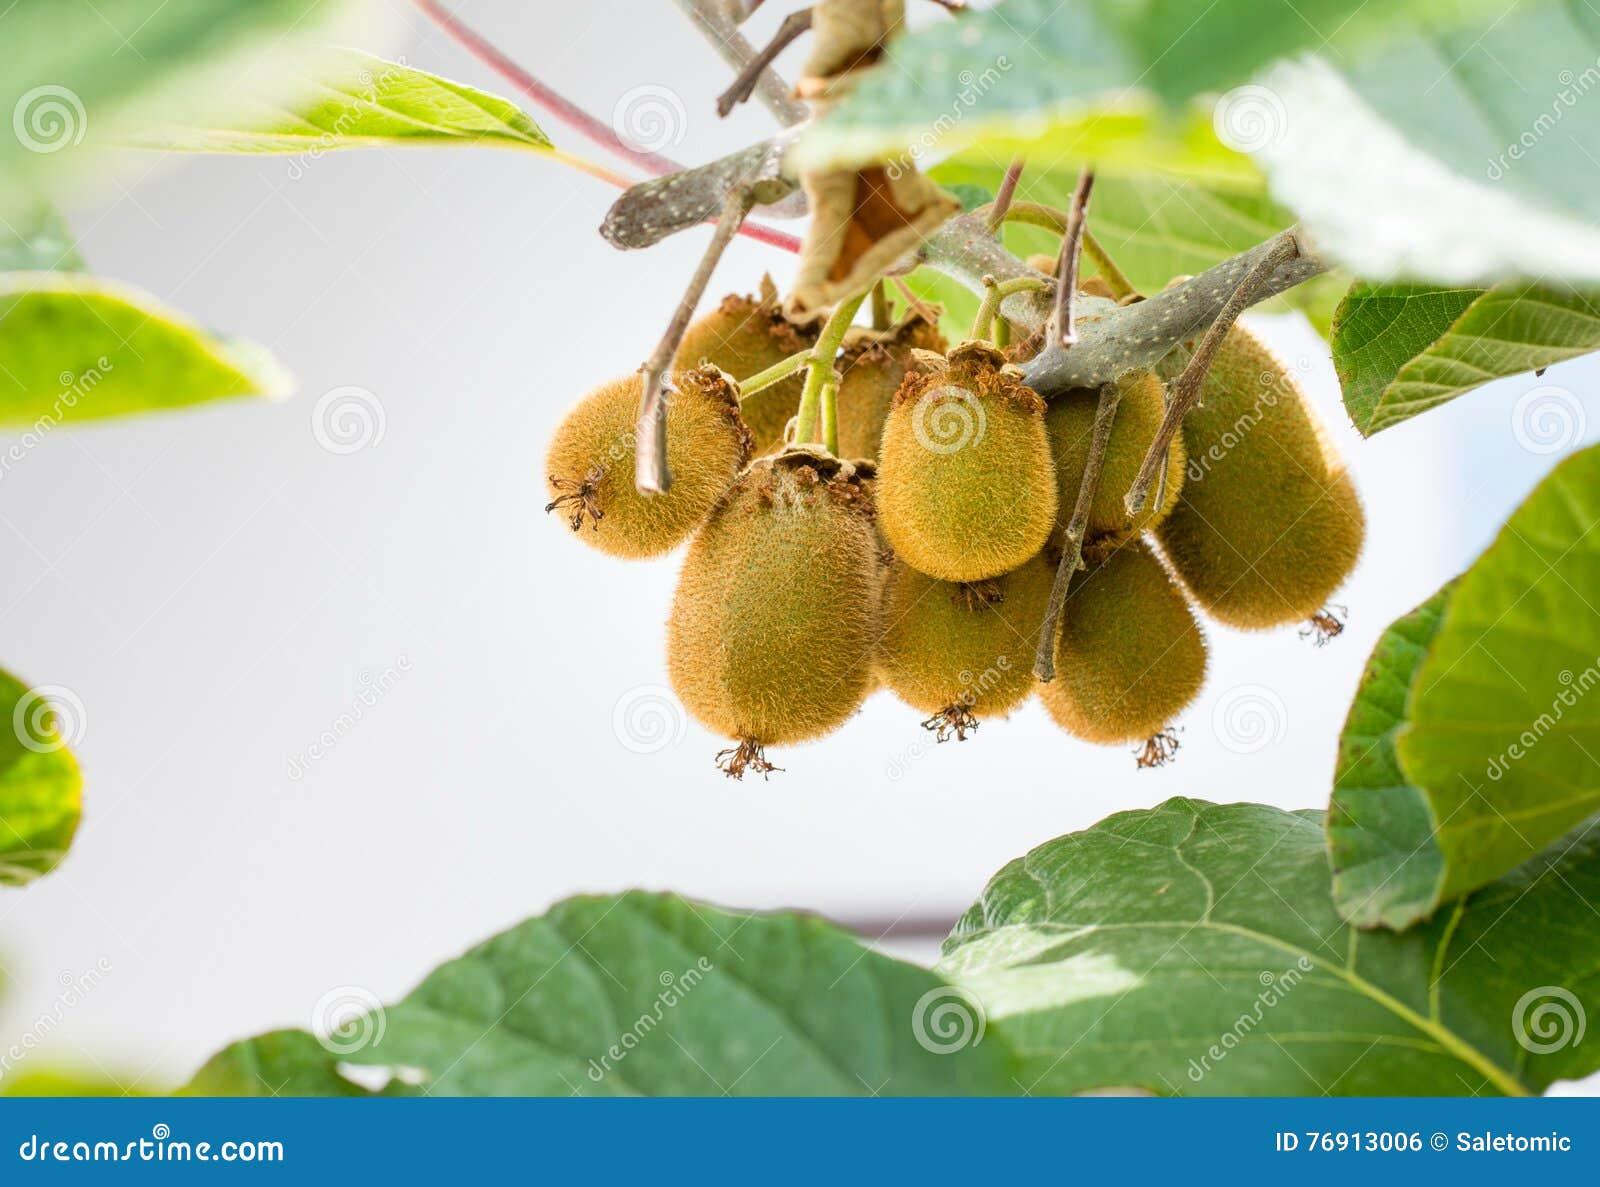 kiwi frais s'élevant sur un arbre photo stock - image du nature